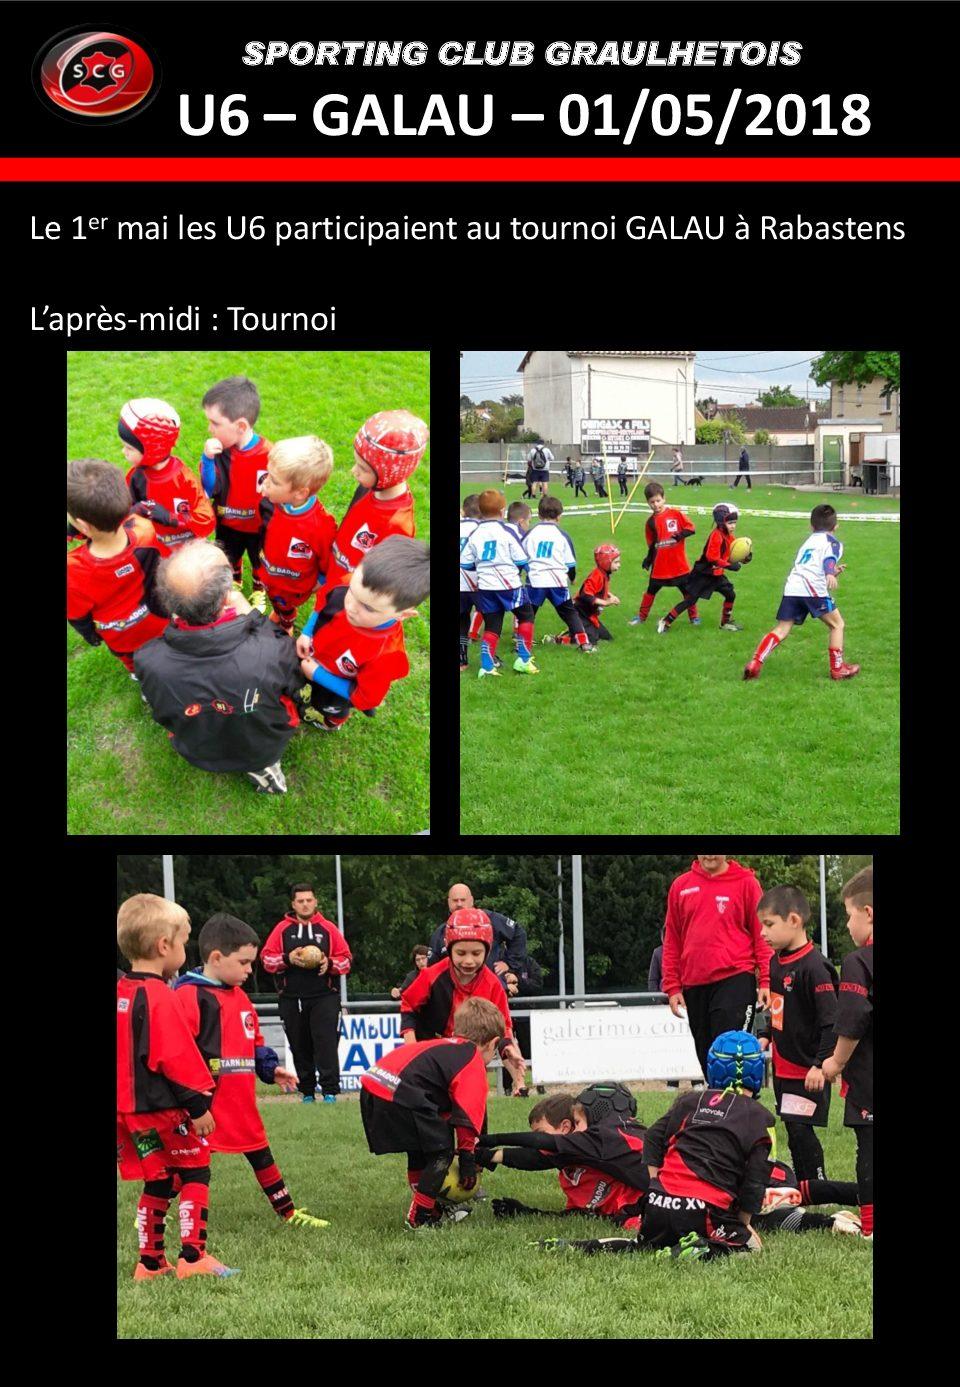 http://scg-rugby.com/wp-content/uploads/2018/05/GALAU-U6-5-pdf-2.jpg